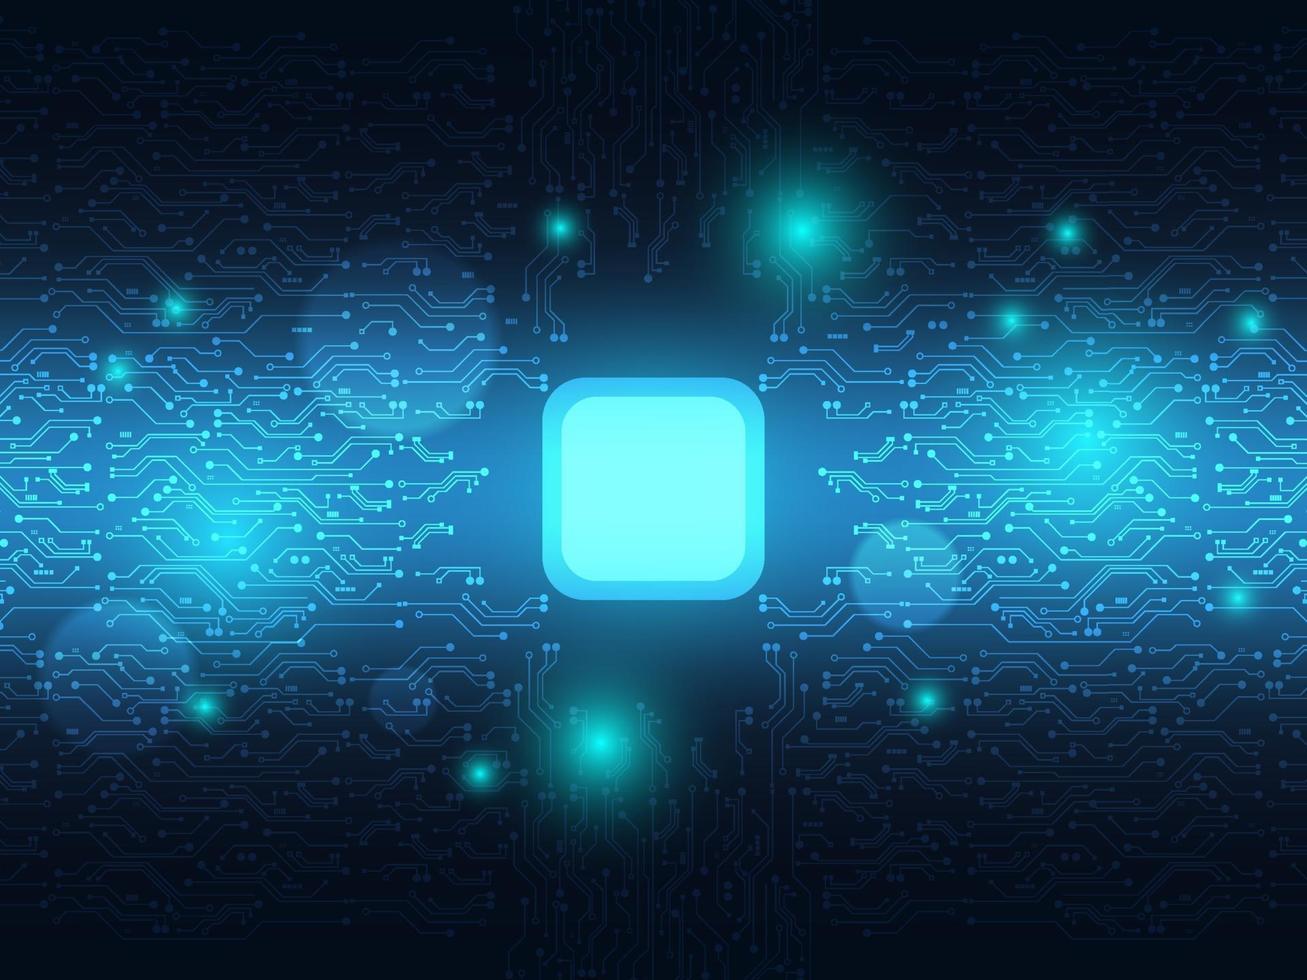 circuito azul abstrato com tecnologia de iluminação futurista vetor